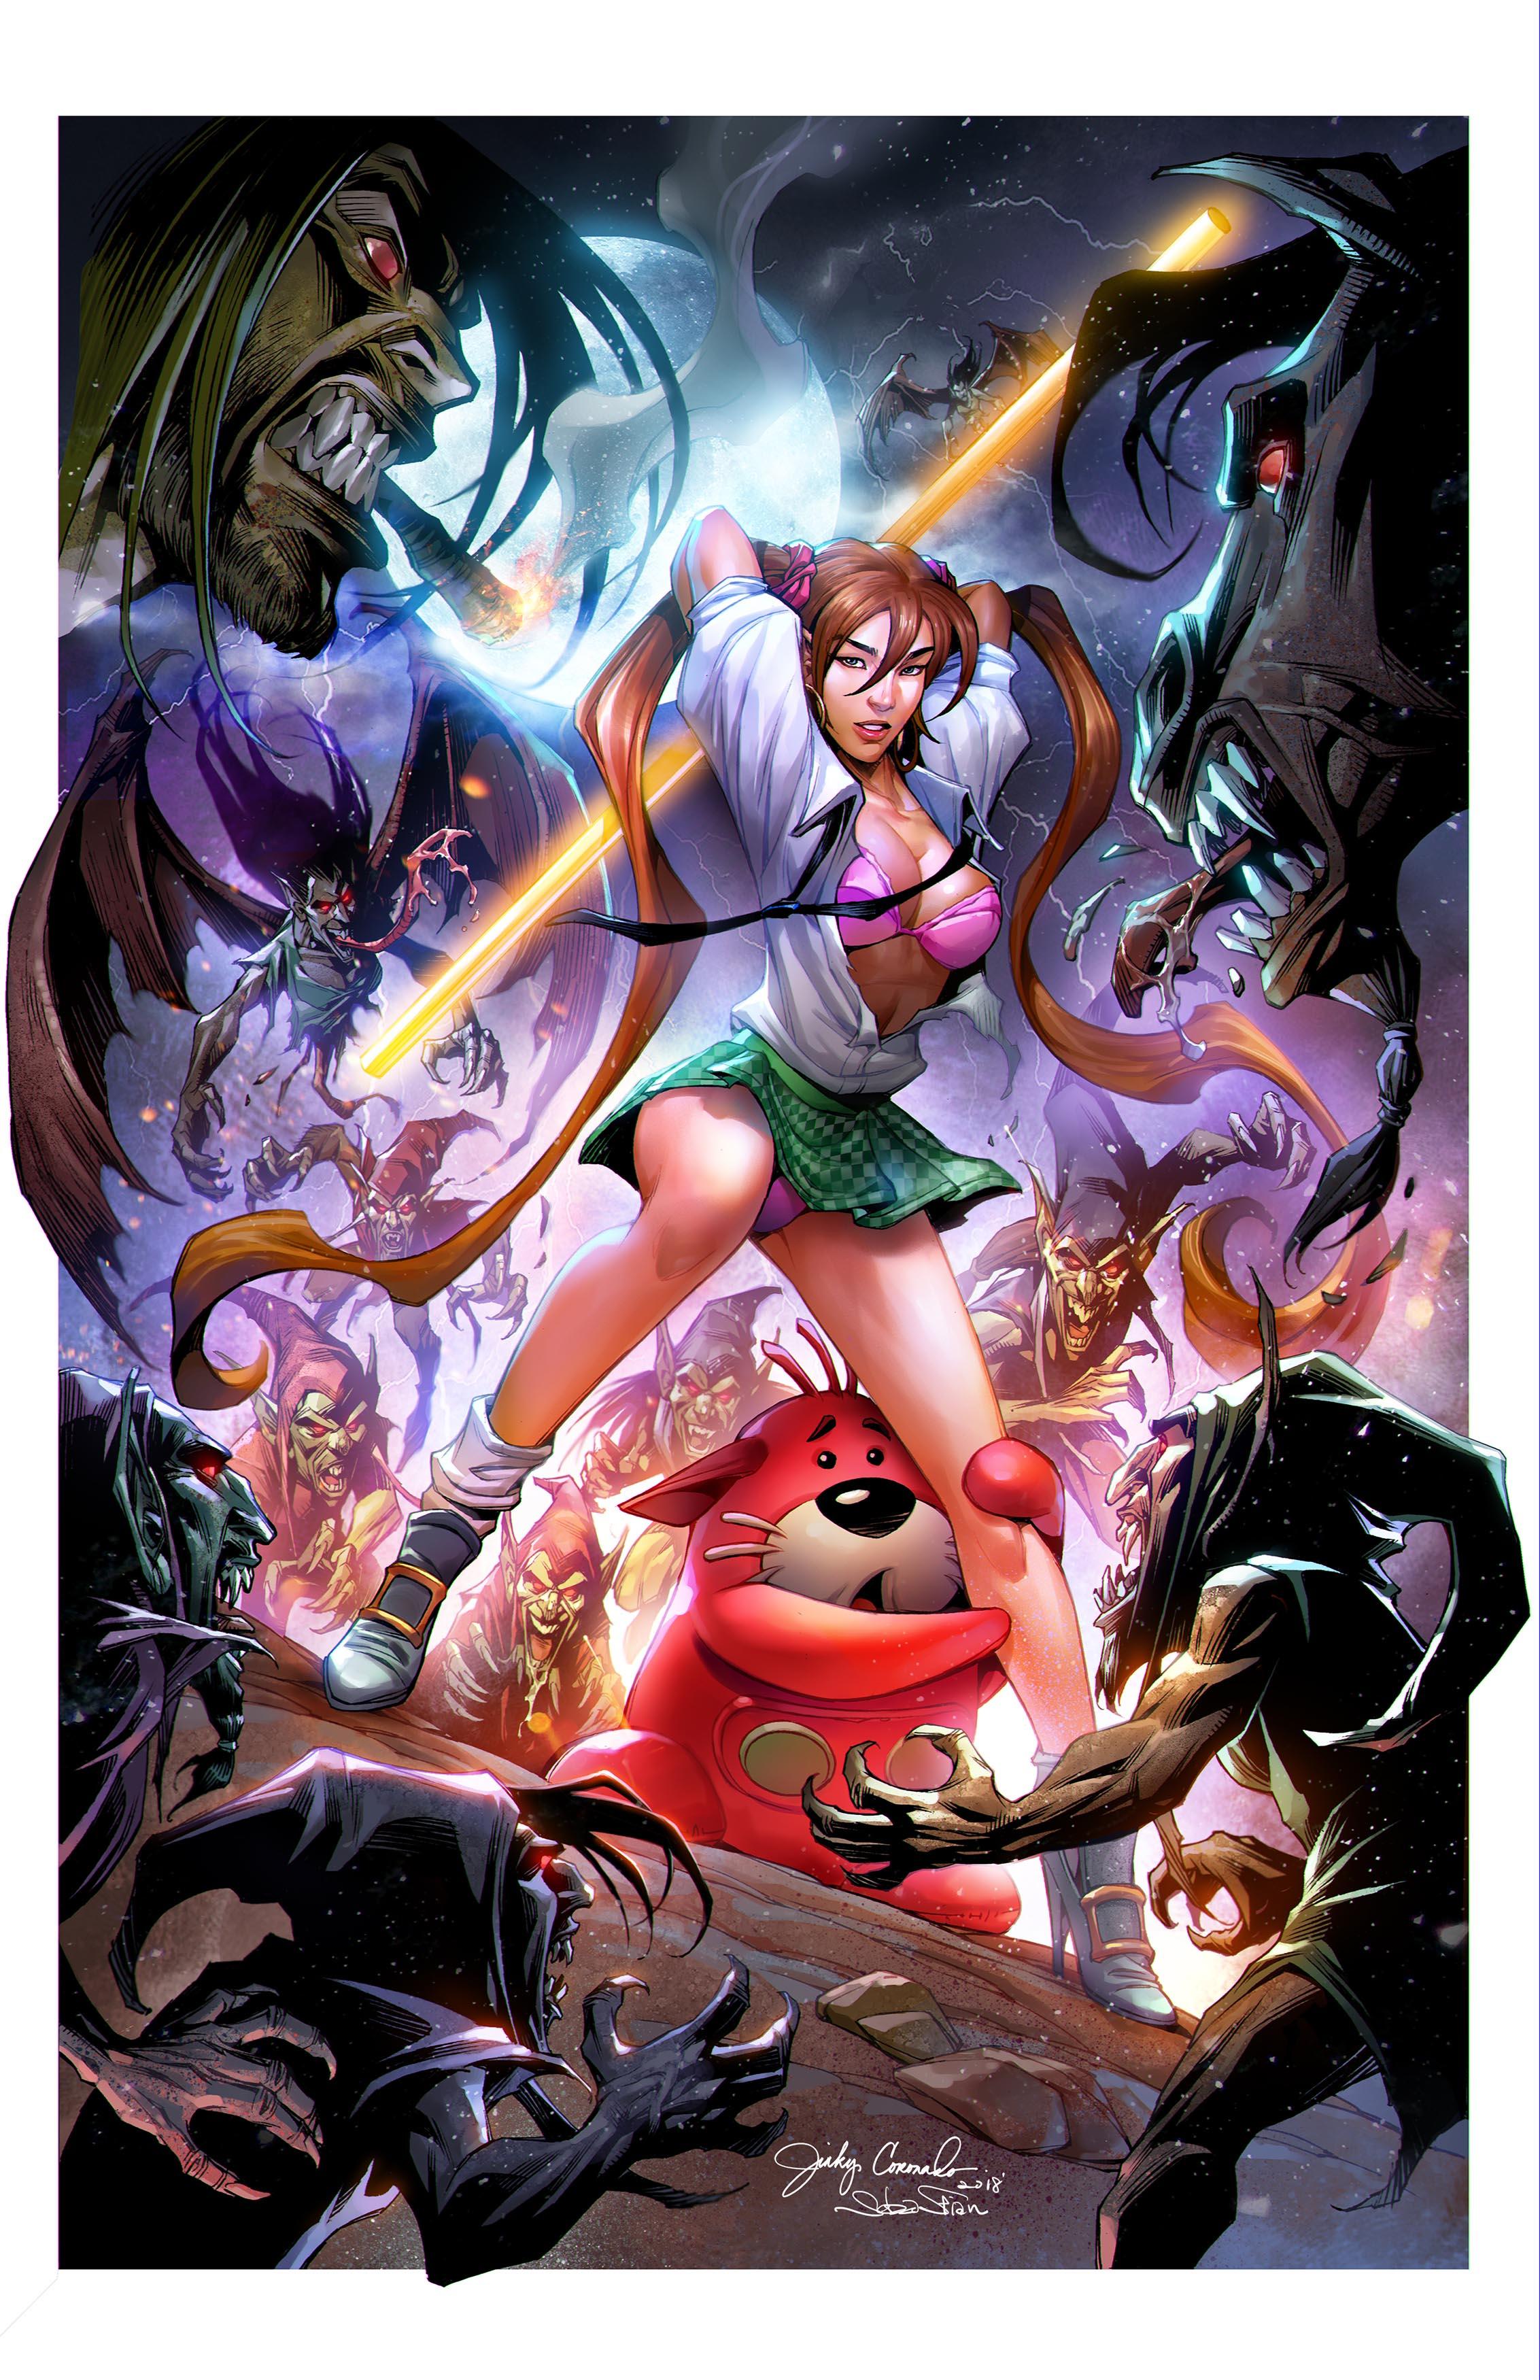 BANZAI GIRL: NIGHT OF THE MYTHMAKERS (Final) Art by Jinky Coronado